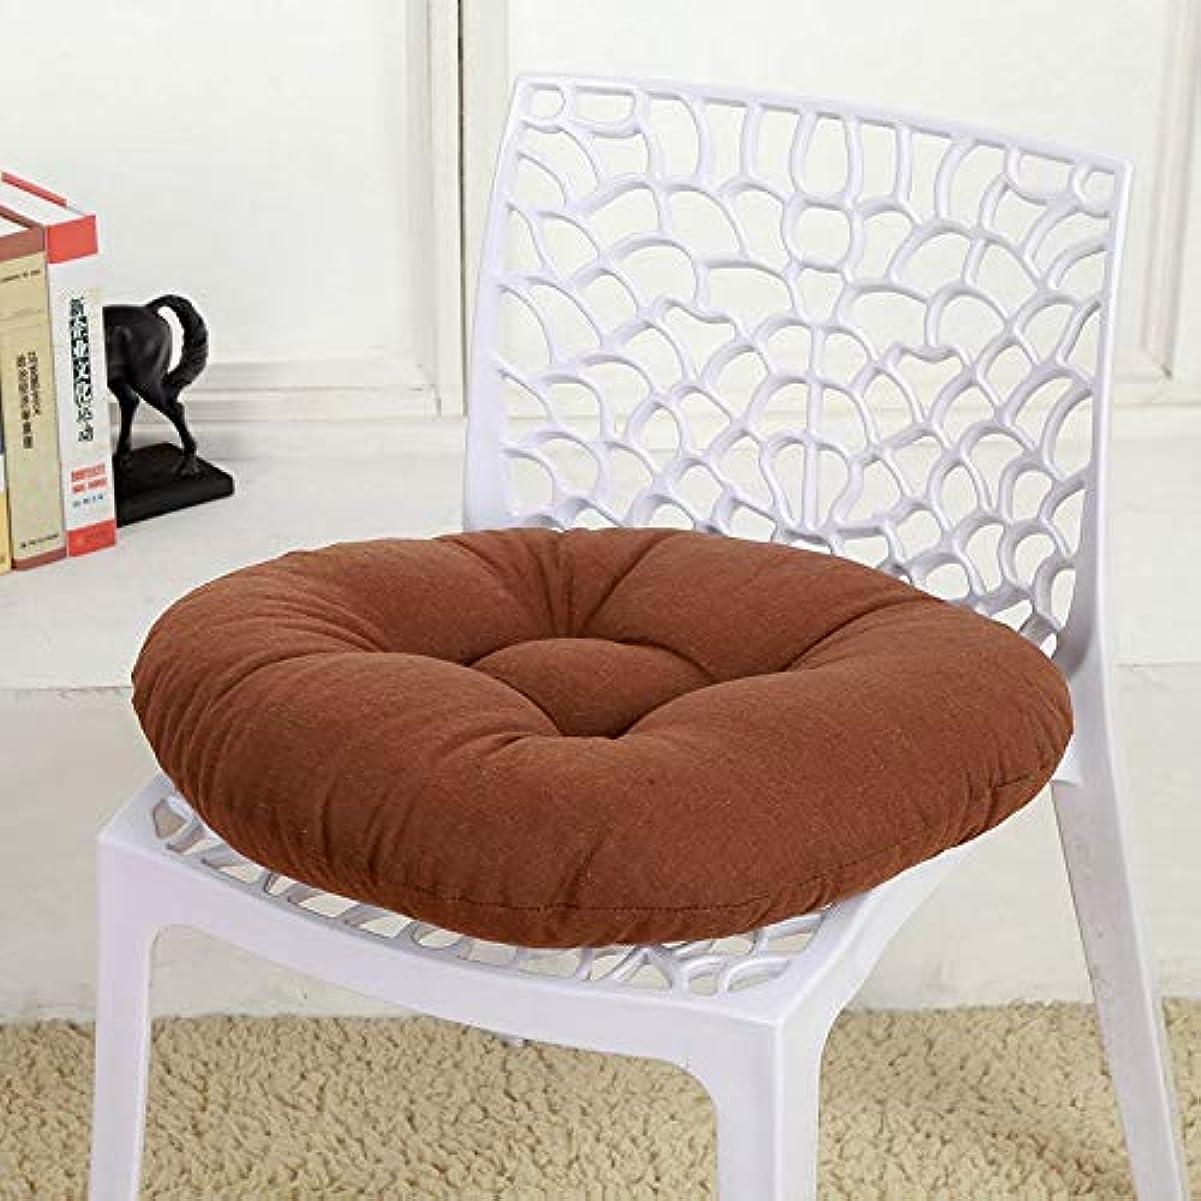 履歴書引き潮透過性LIFE キャンディカラーのクッションラウンドシートクッション波ウィンドウシートクッションクッション家の装飾パッドラウンド枕シート枕椅子座る枕 クッション 椅子